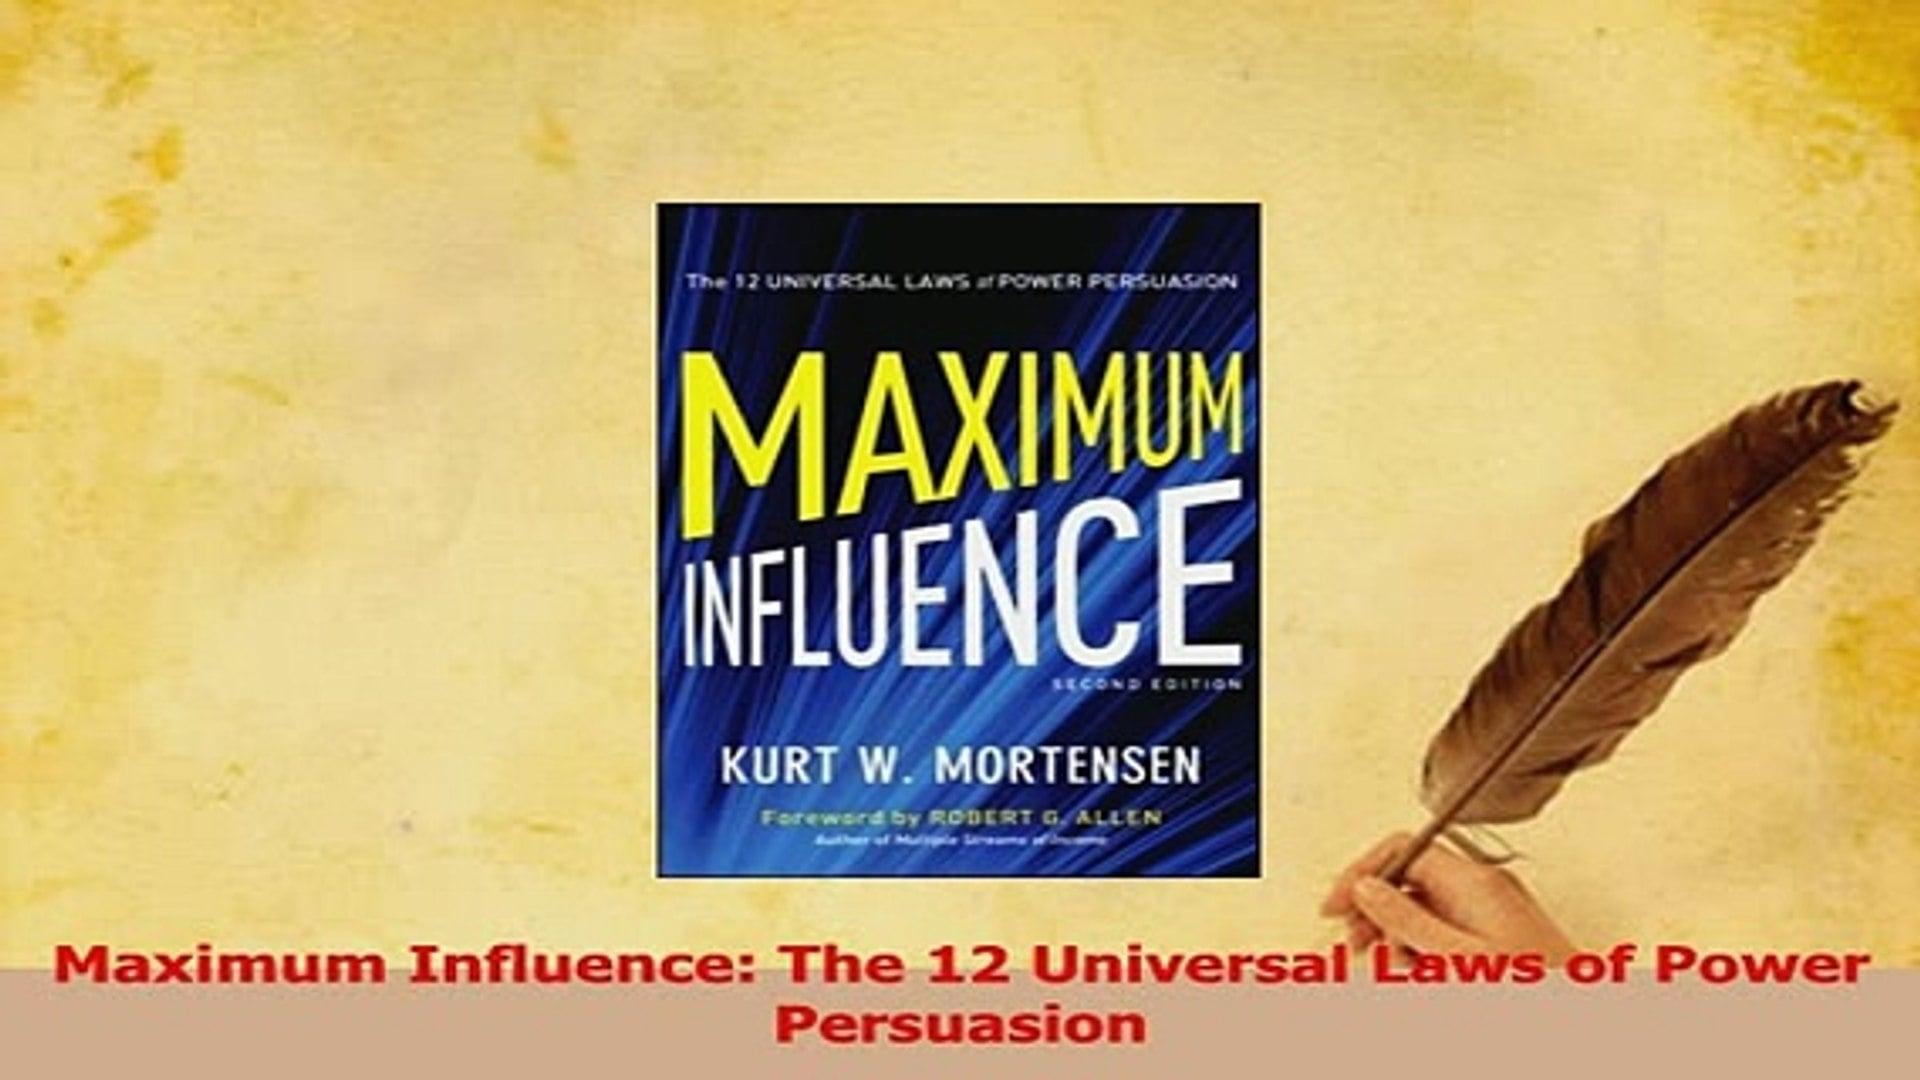 التأثير الأقصى: 12 من قوانين القوة العالمية للاقناع